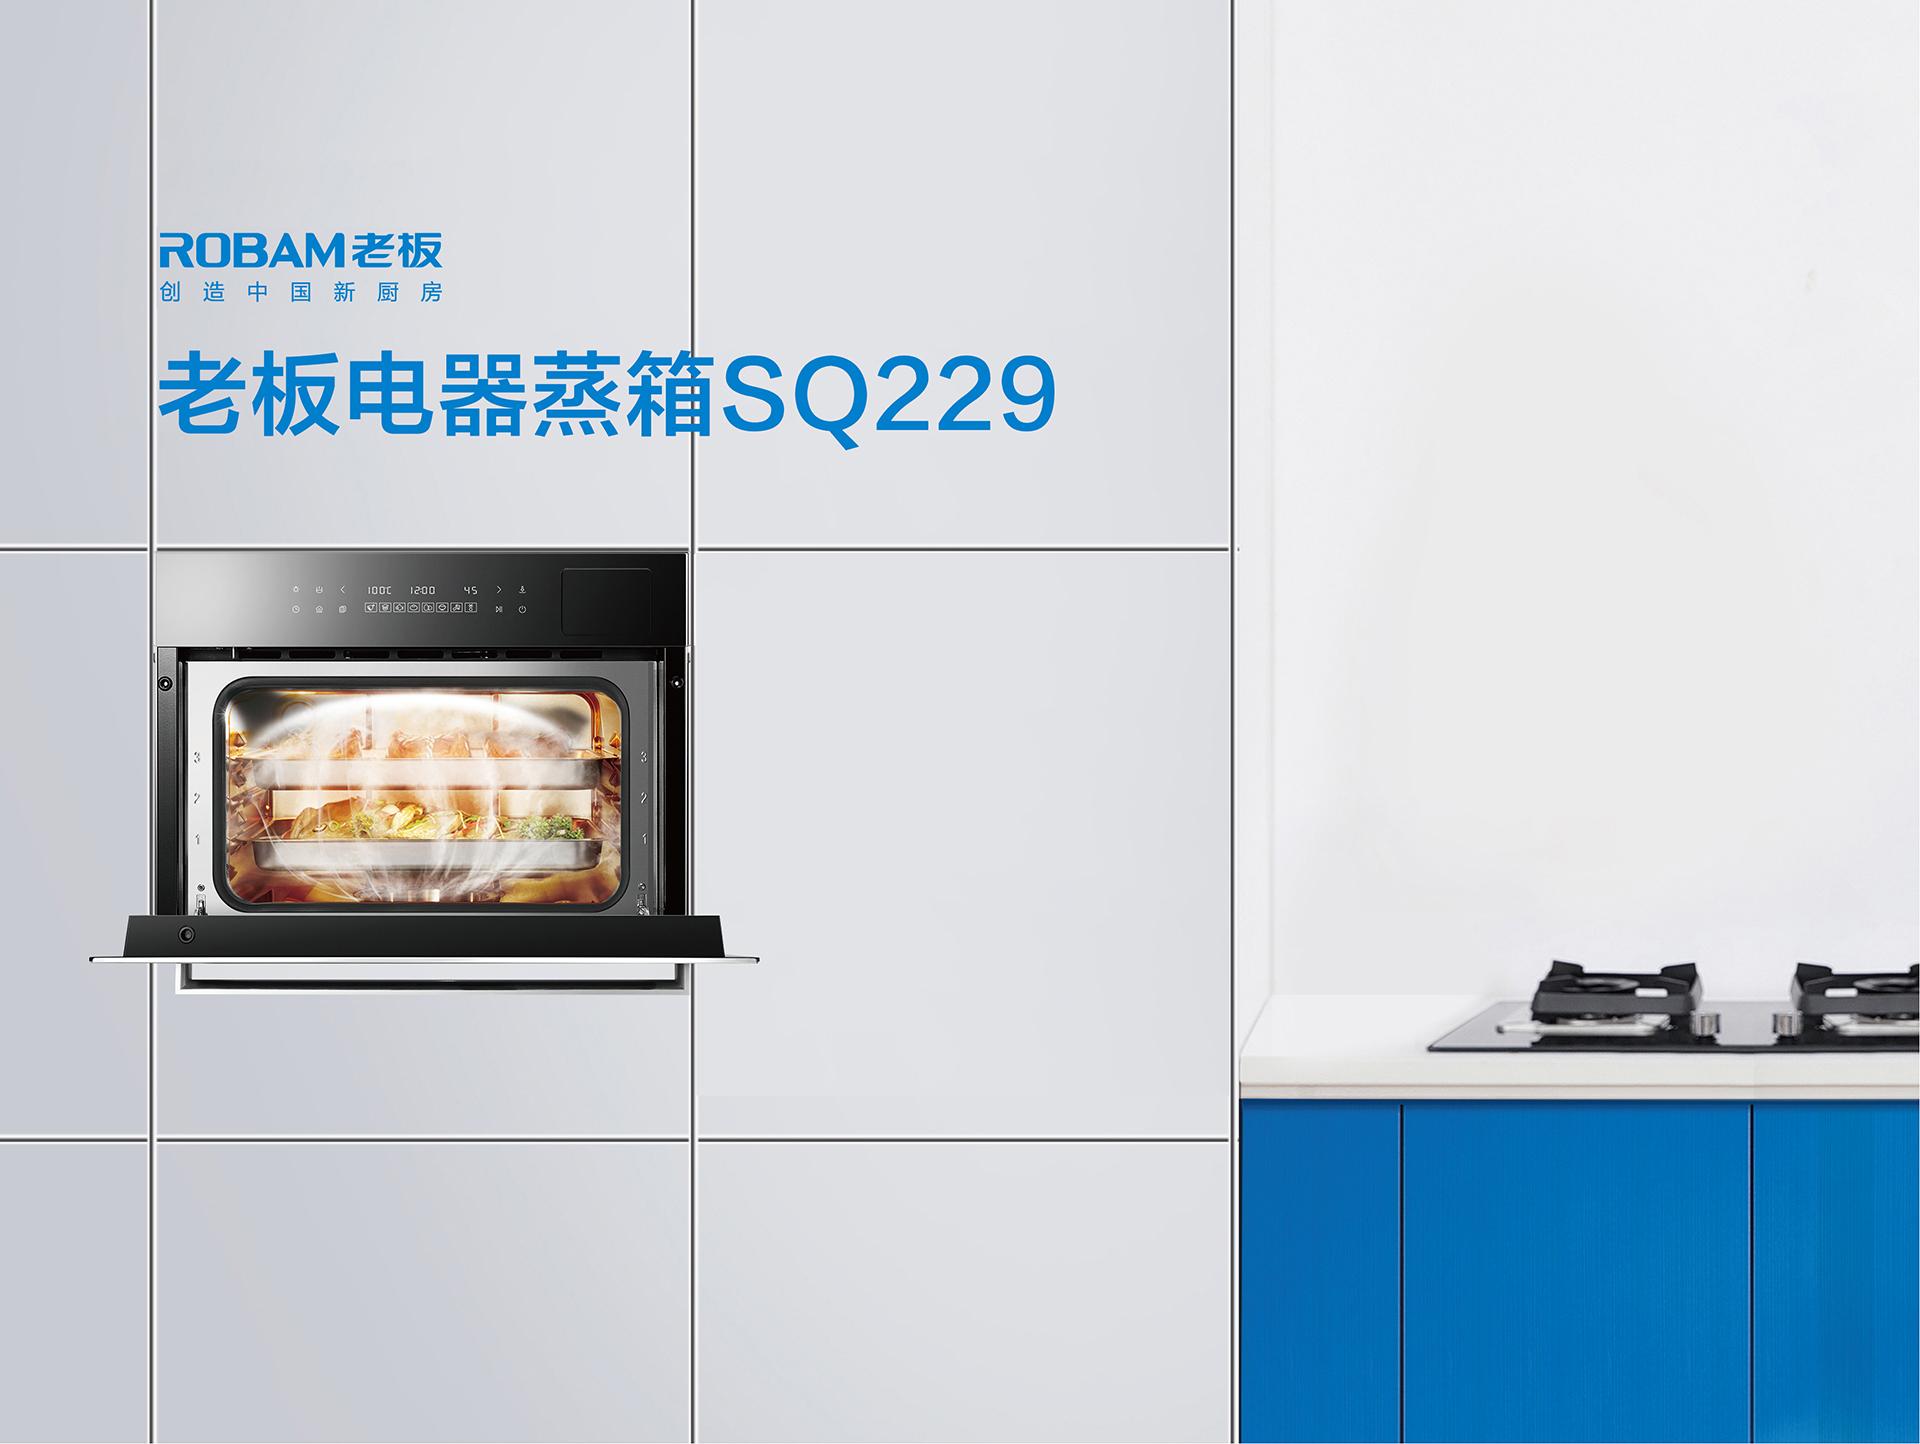 老板电器蒸烤经典系列-SQ229-RQ019册子-封面-封底_02.jpg